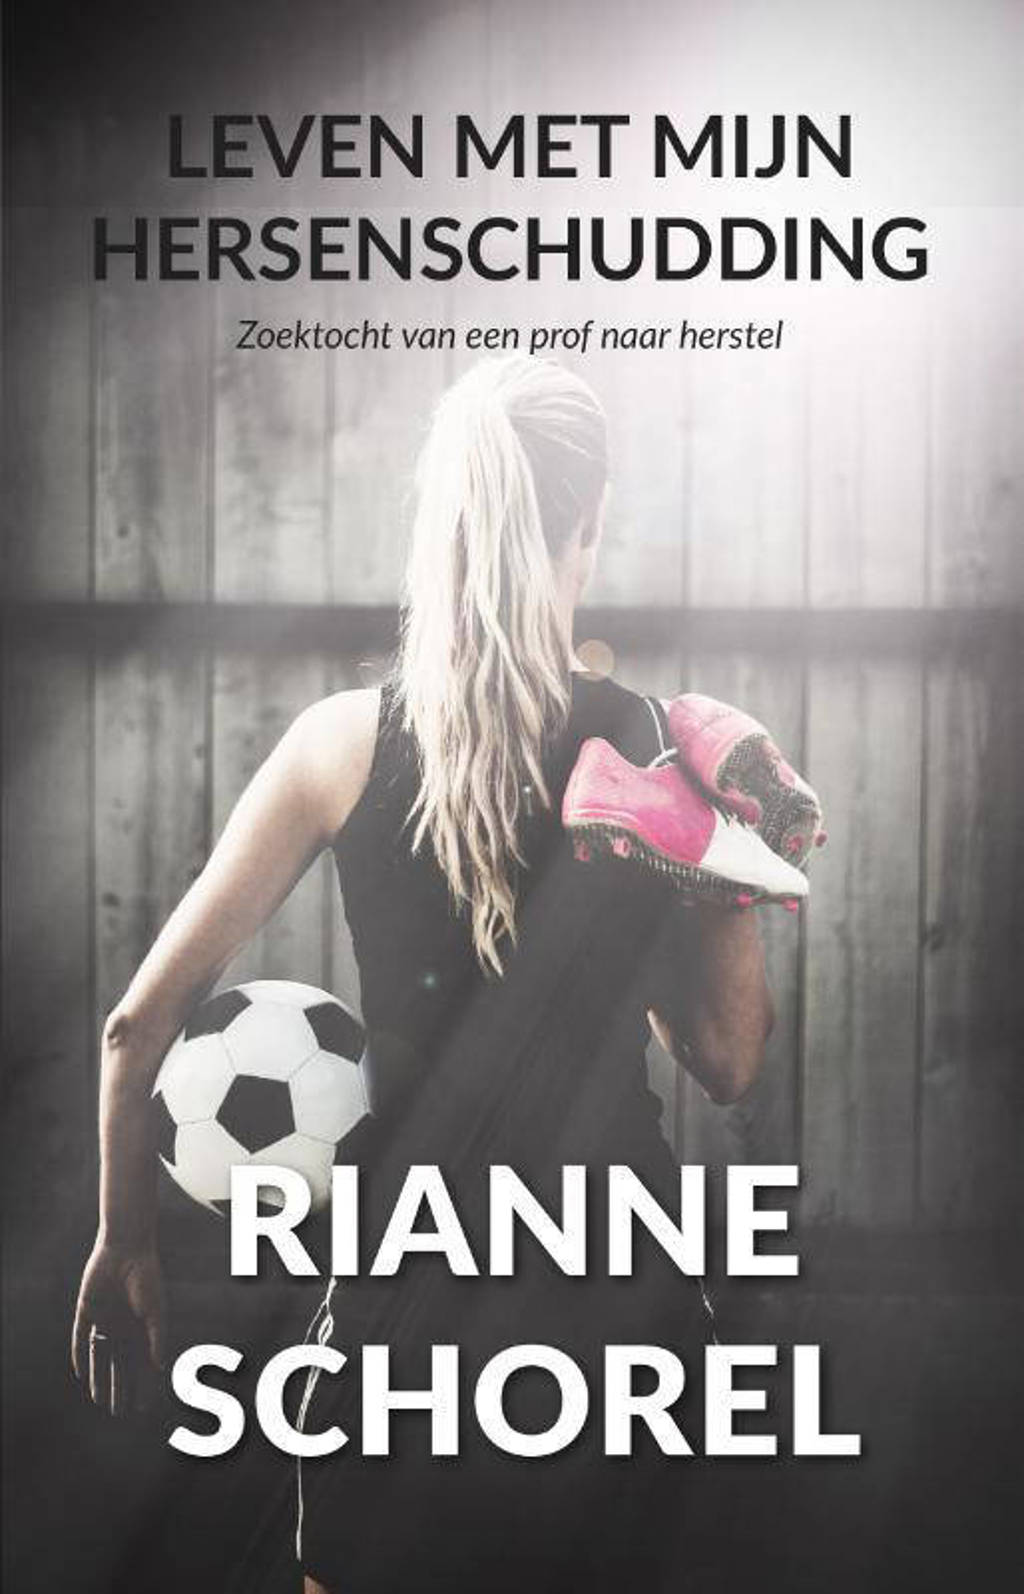 Leven met mijn hersenschudding - Rianne Schorel